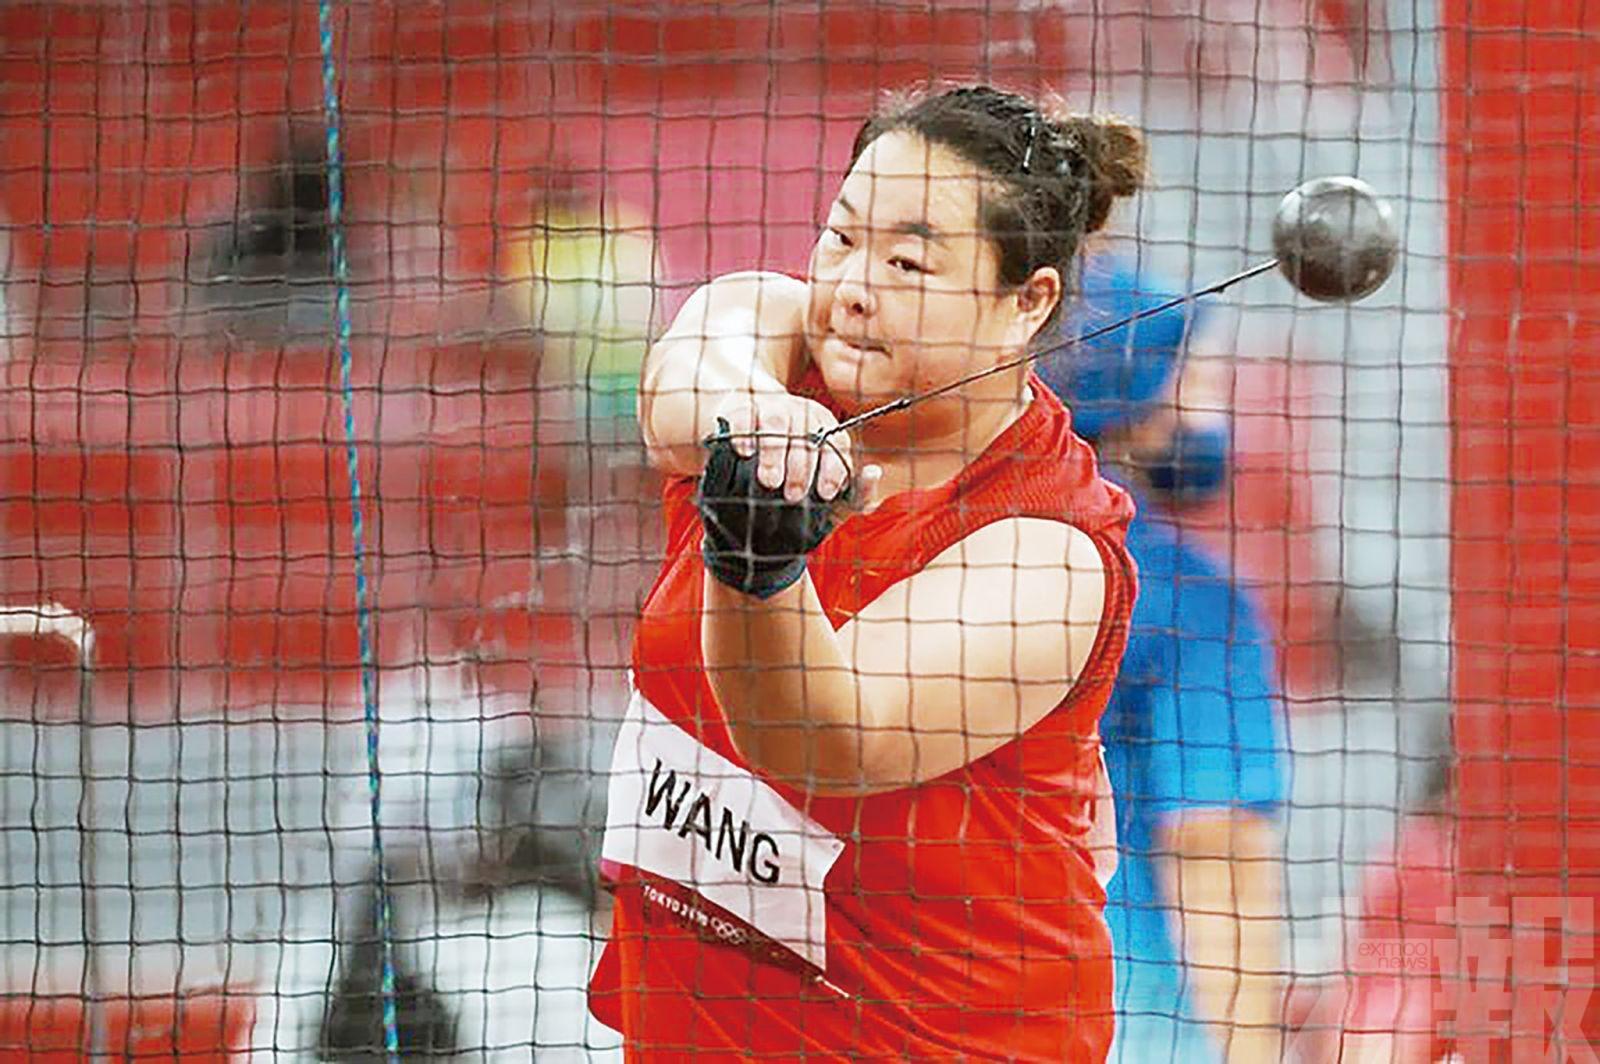 王崢女子鏈球為中國田徑添銀